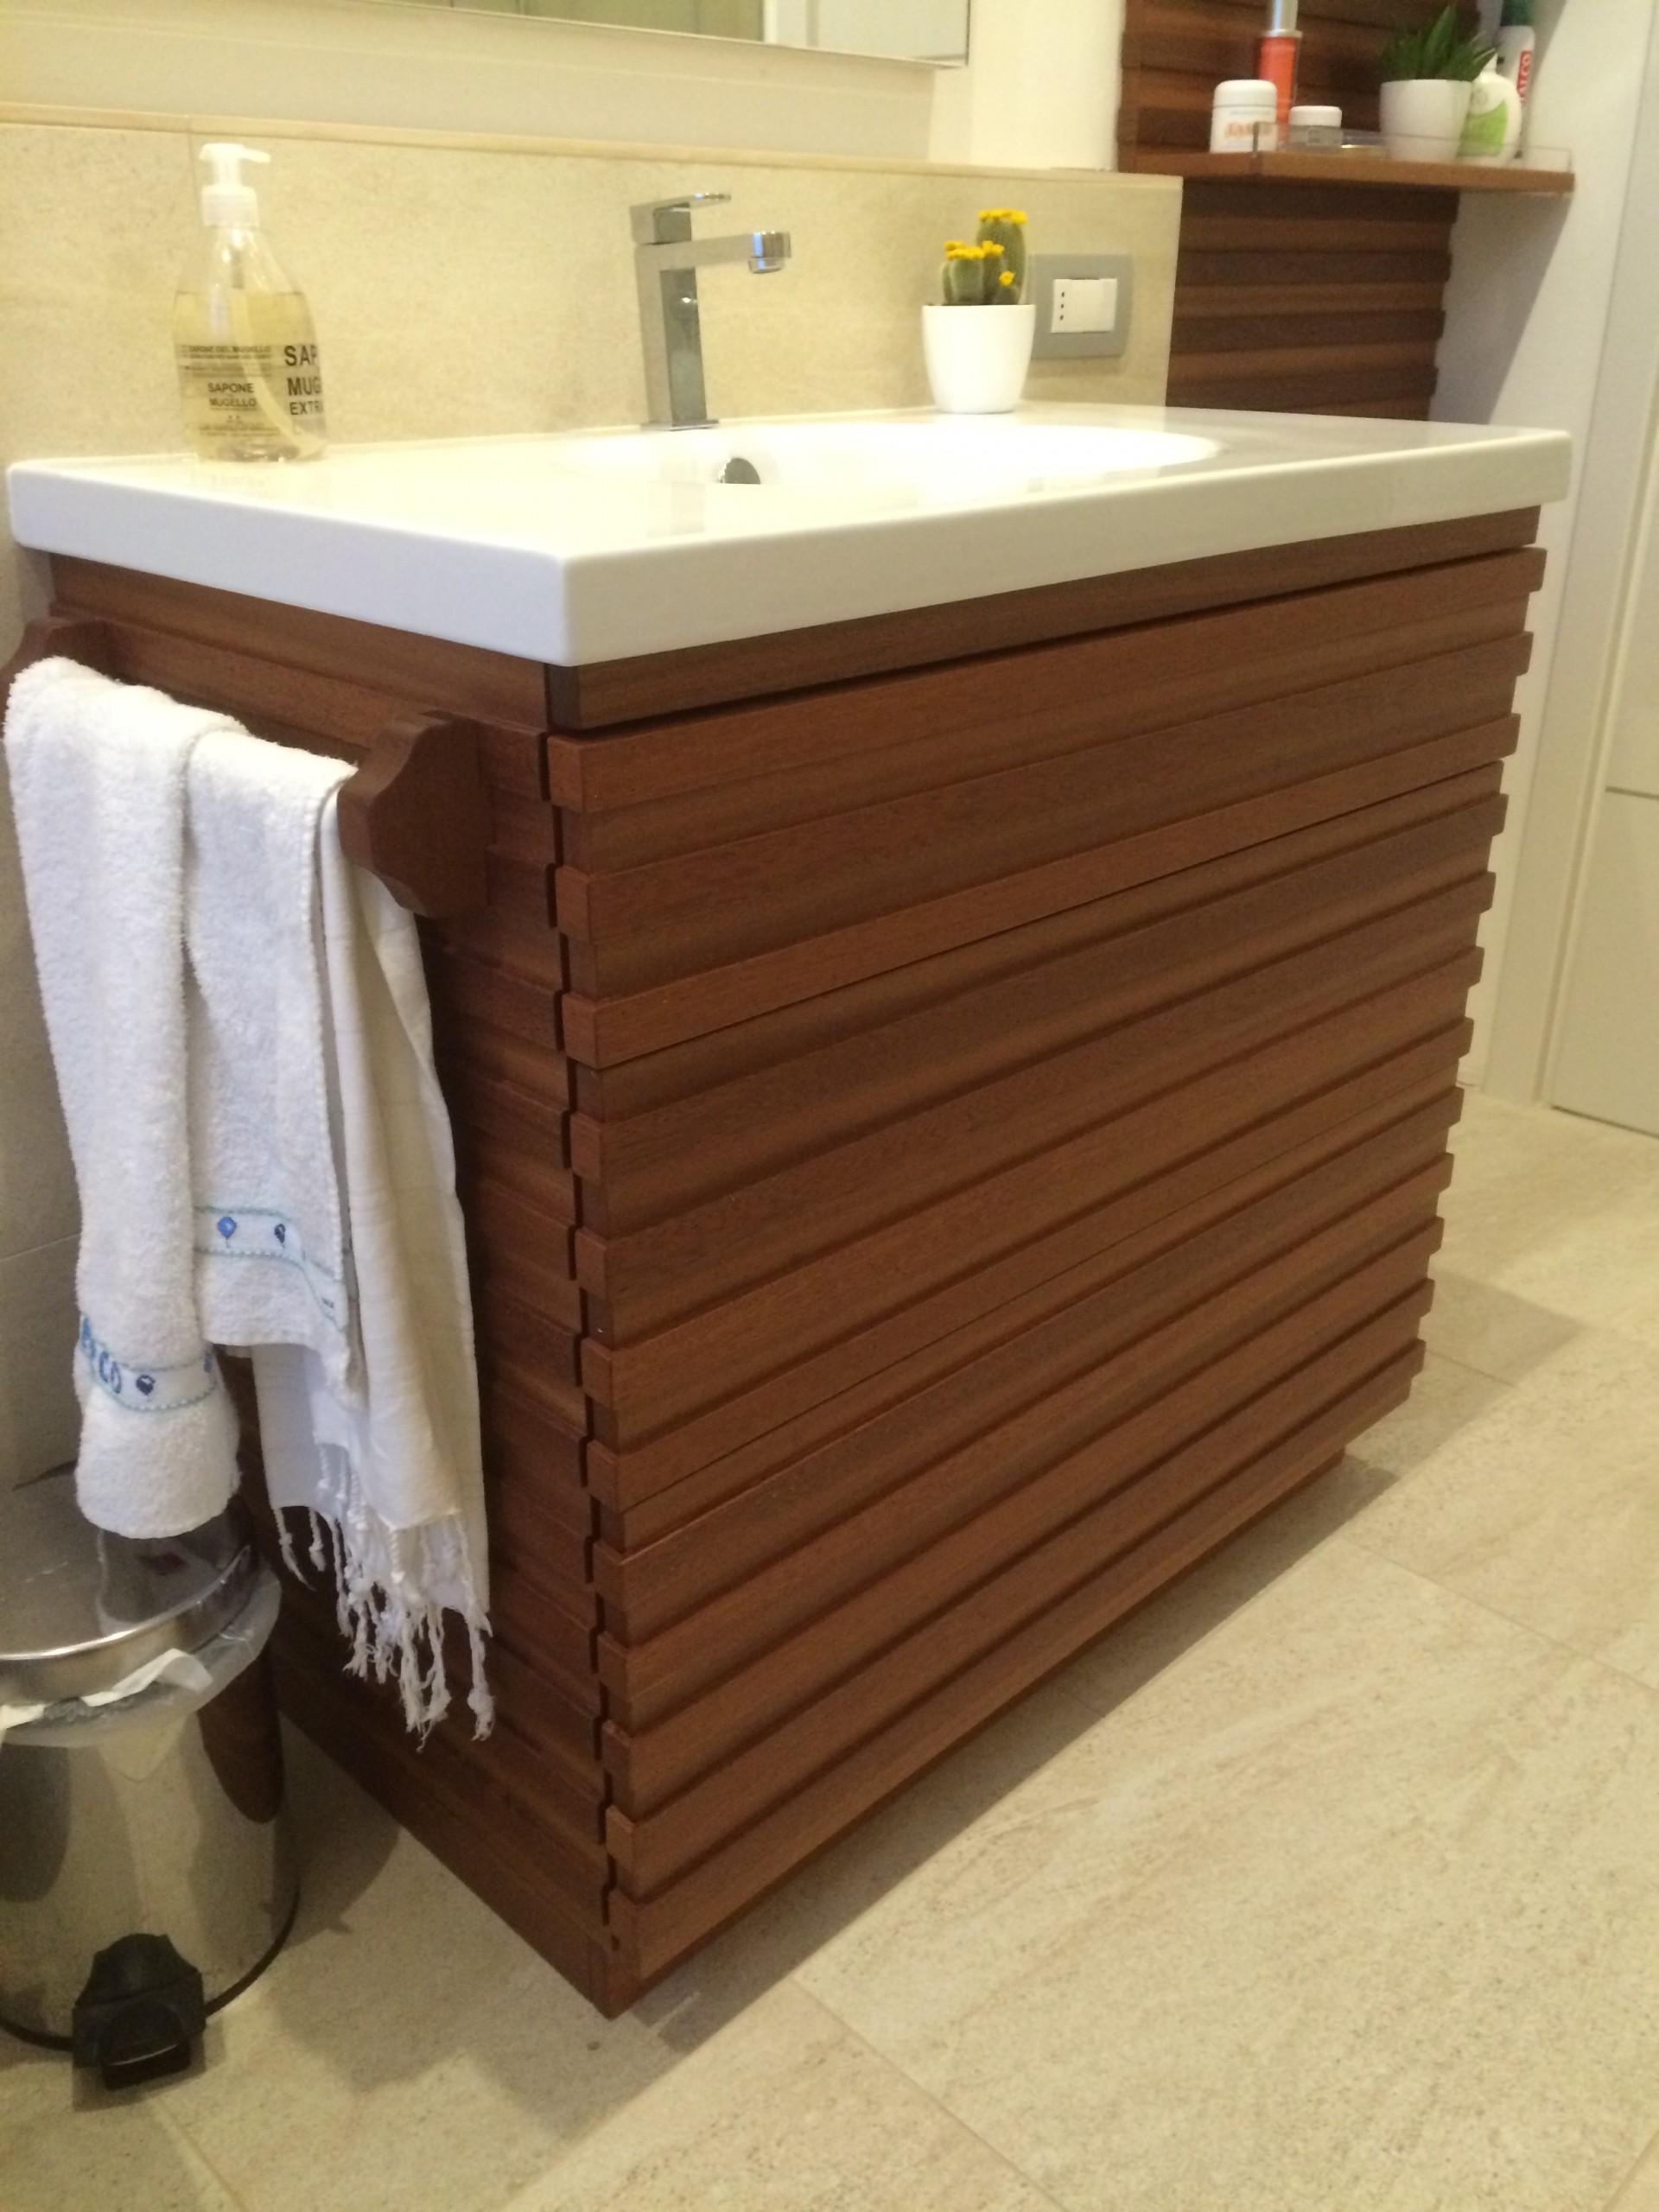 Mobile per il bagno in mogano fadini mobili cerea verona - Mobili lavanderia su misura ...